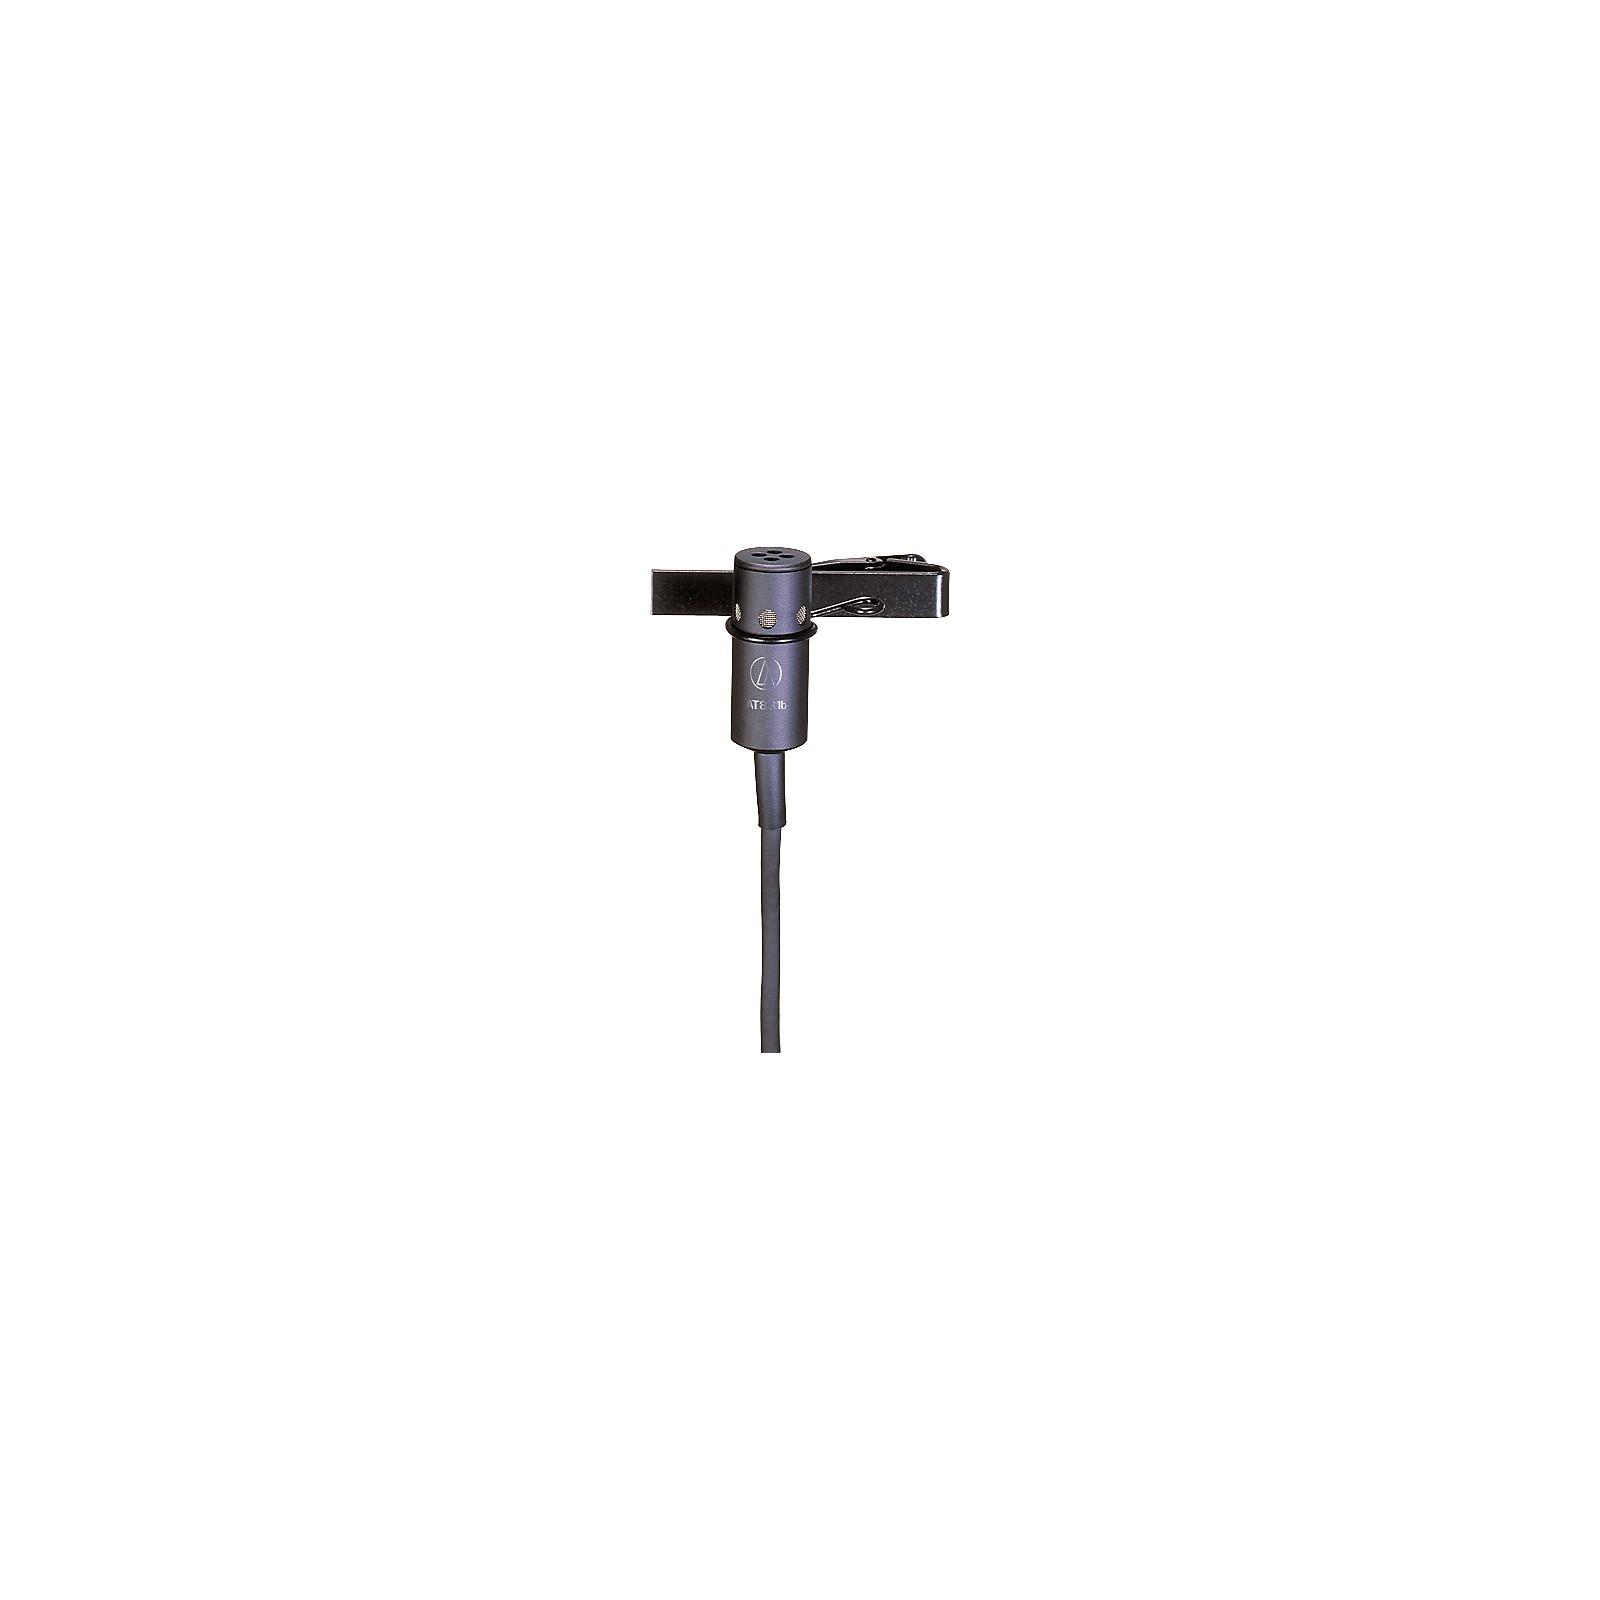 Open Box Audio-Technica AT831B Lavalier Condenser Microphone